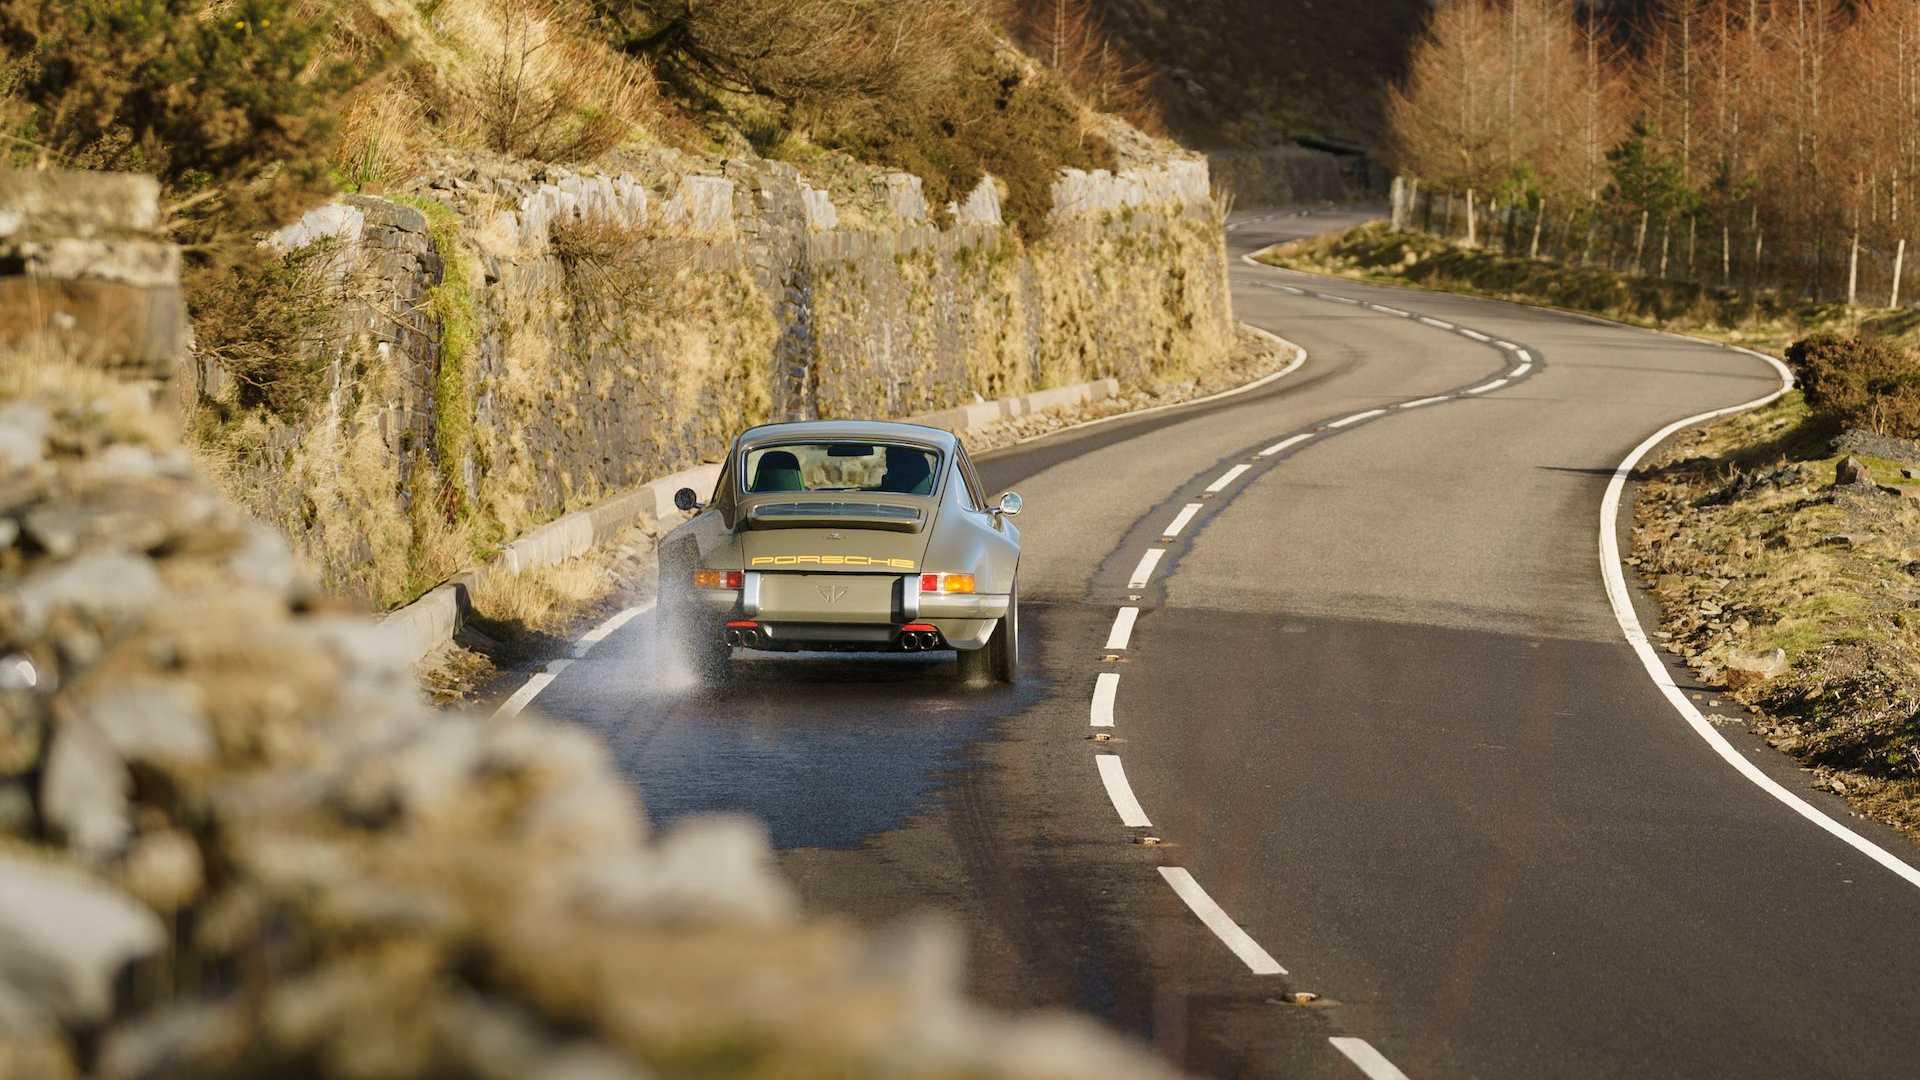 Theon-Design-HK002-Porsche-911-21